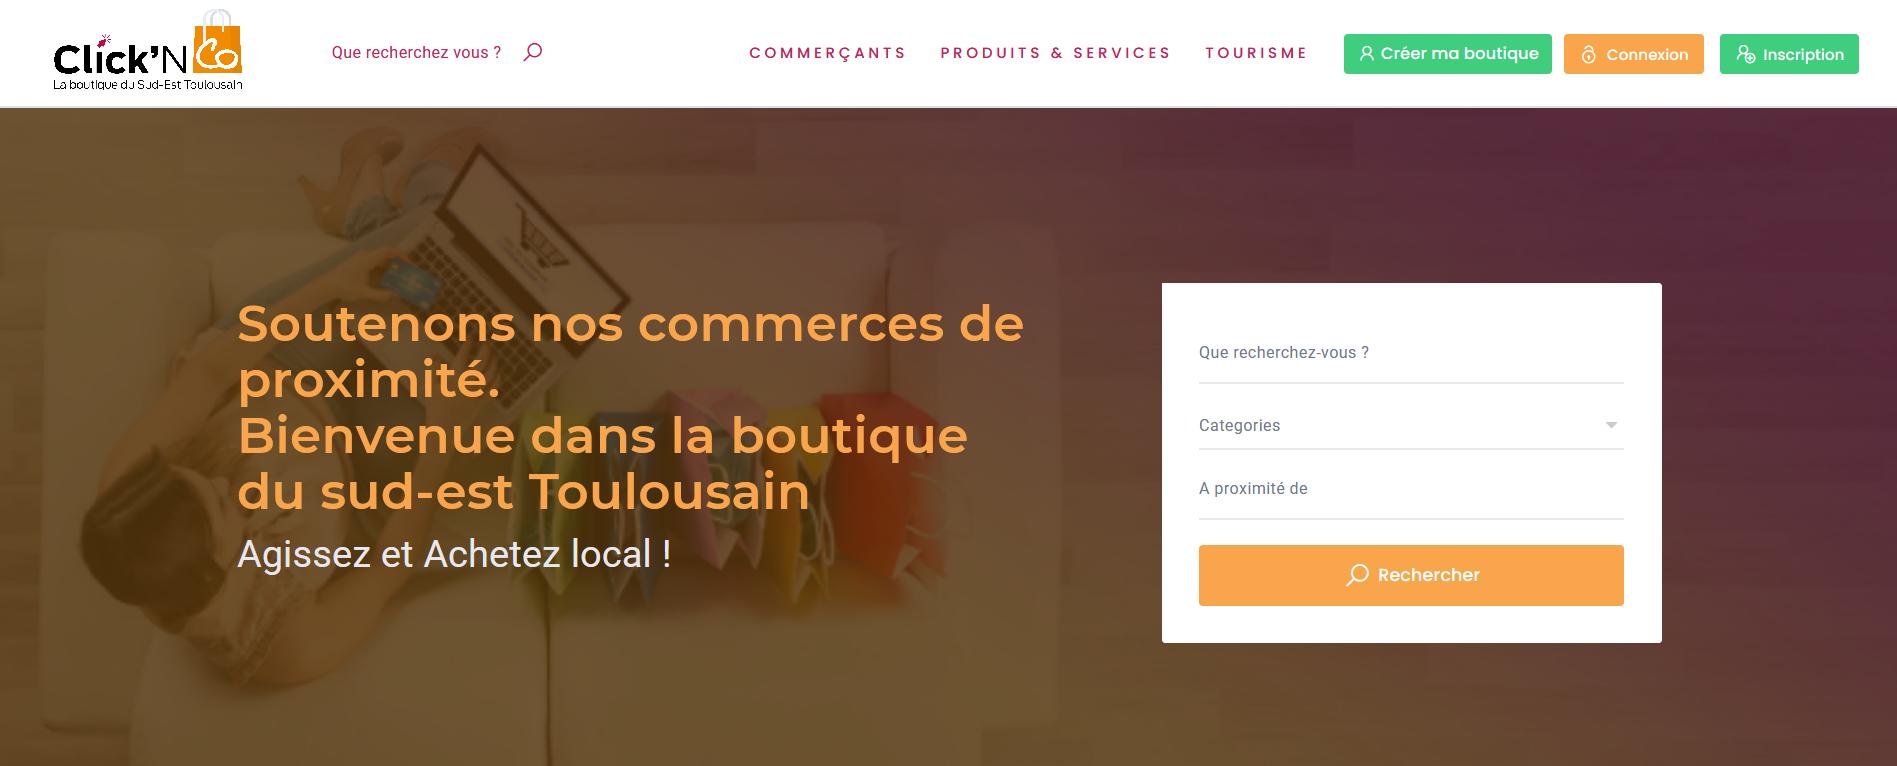 Marketplaces-communauté-de-Toulouse